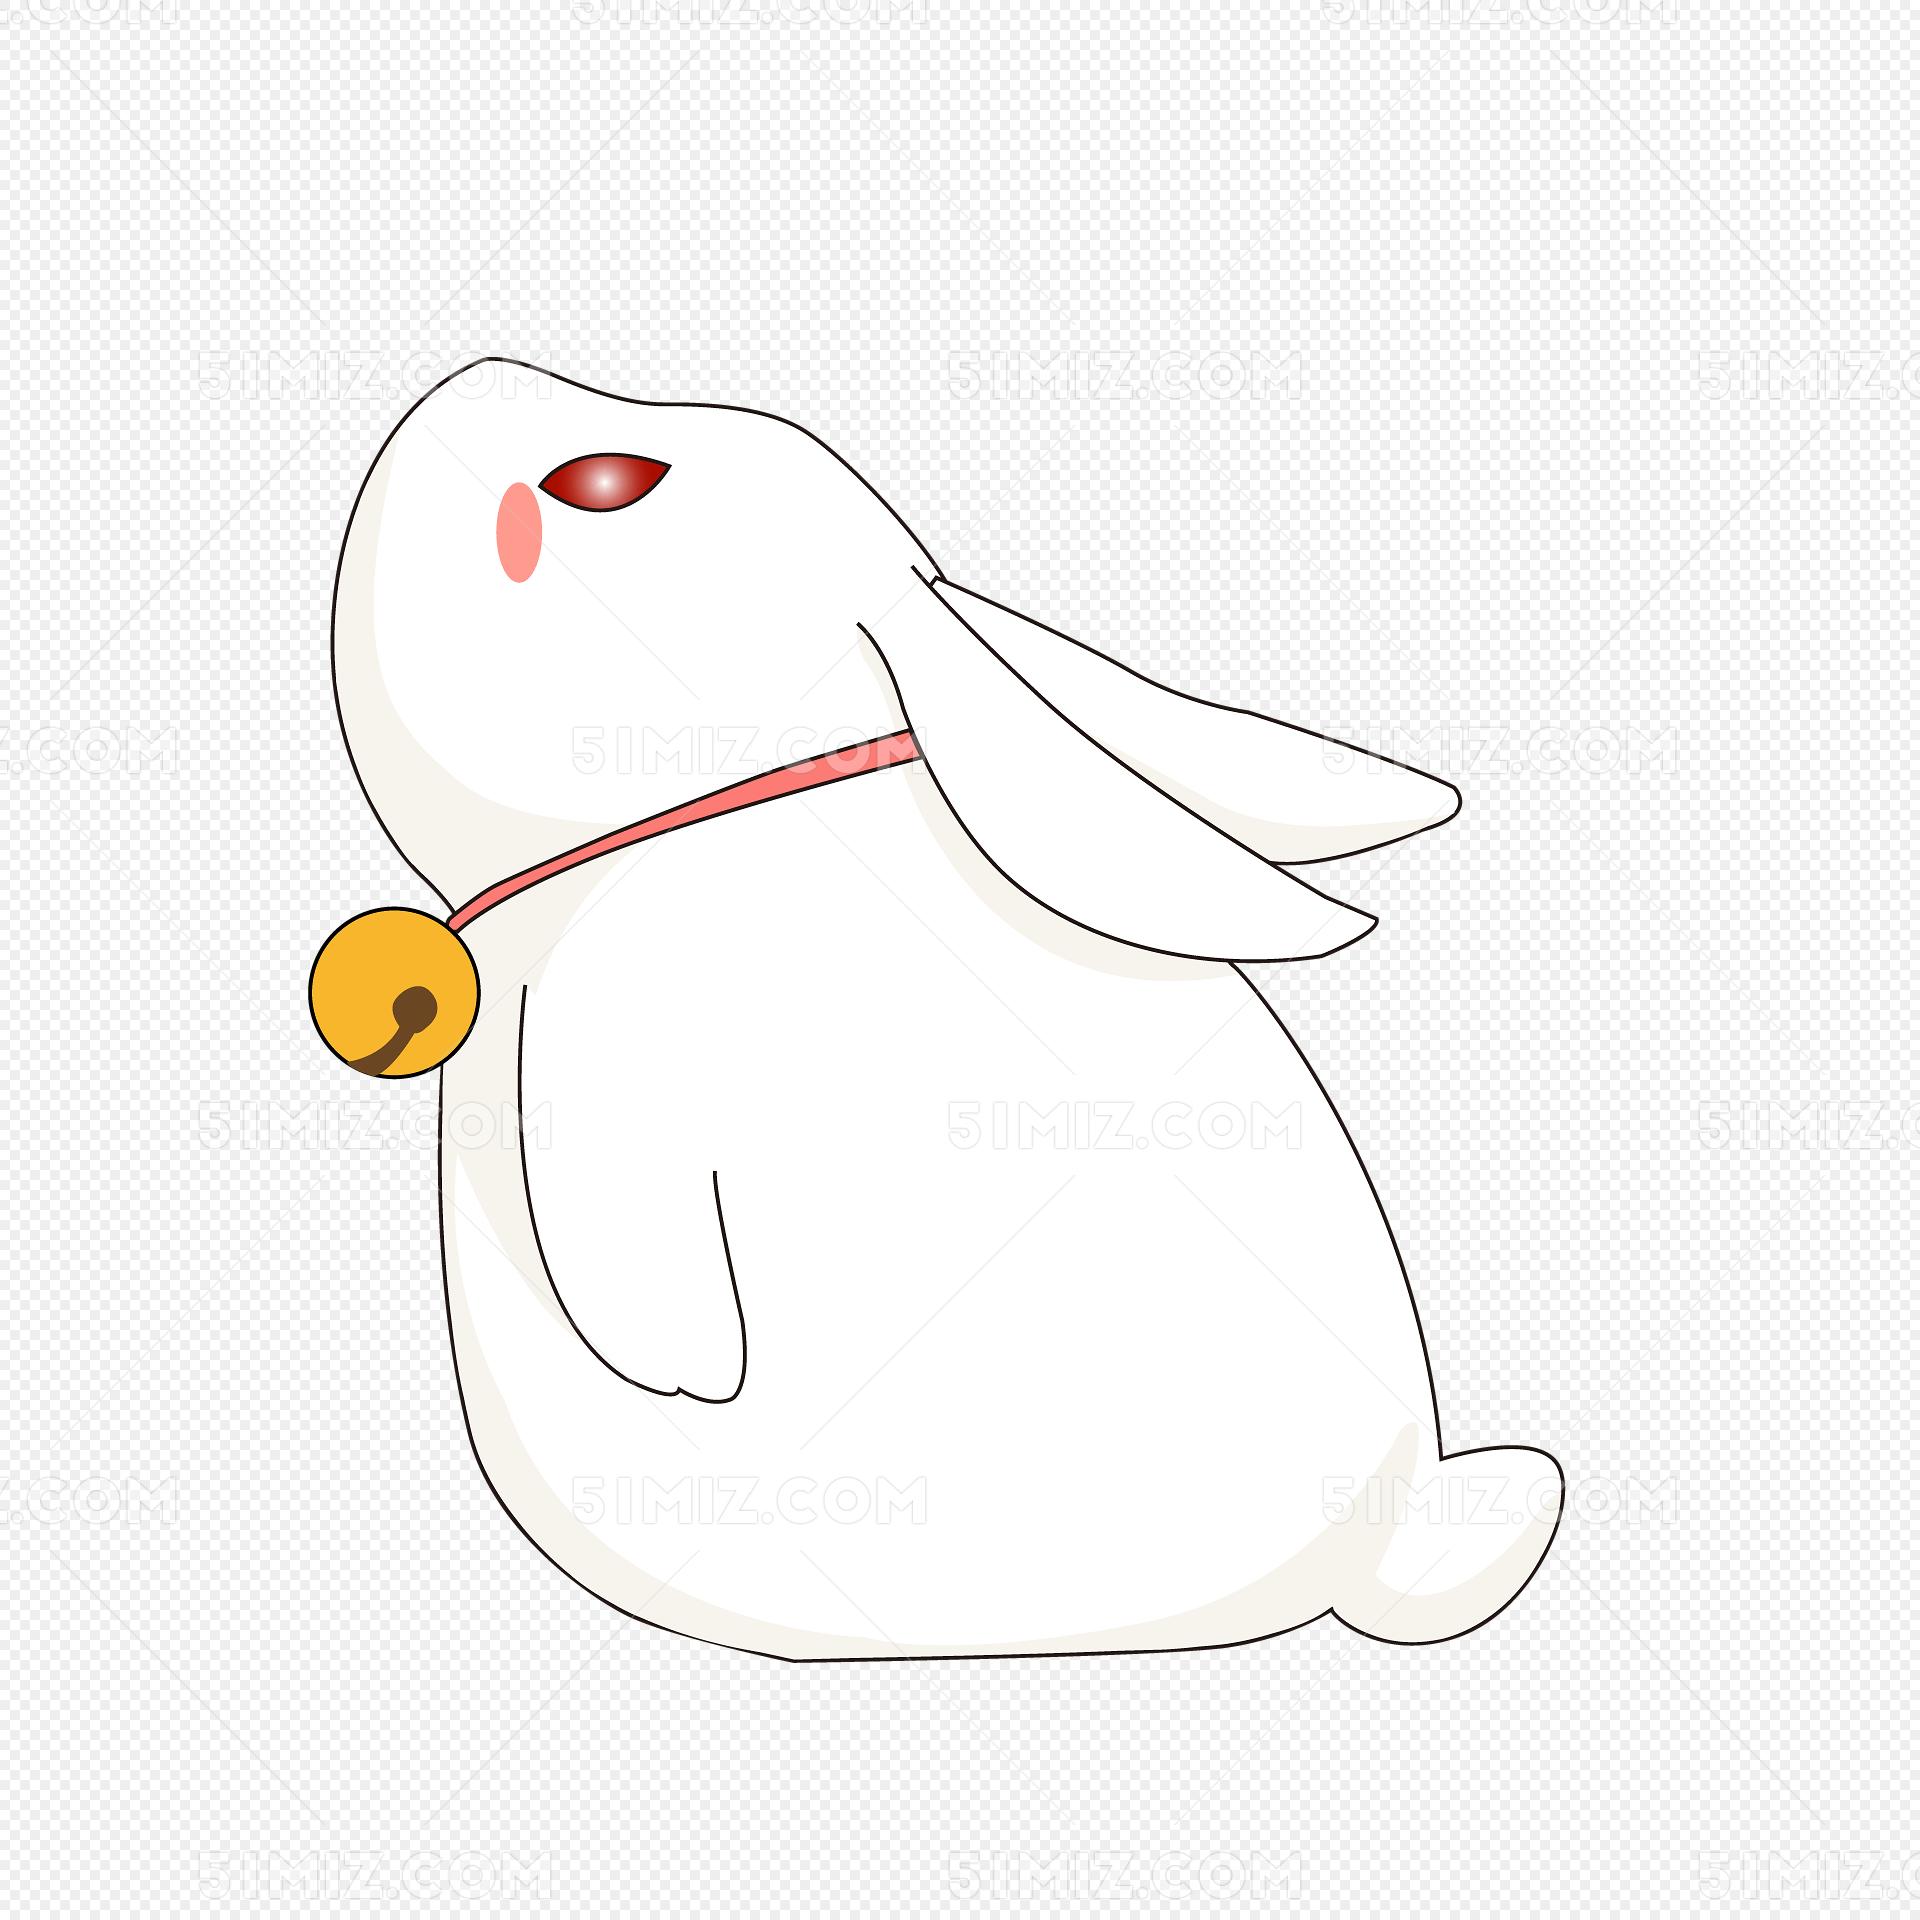 月兔的简画的步骤